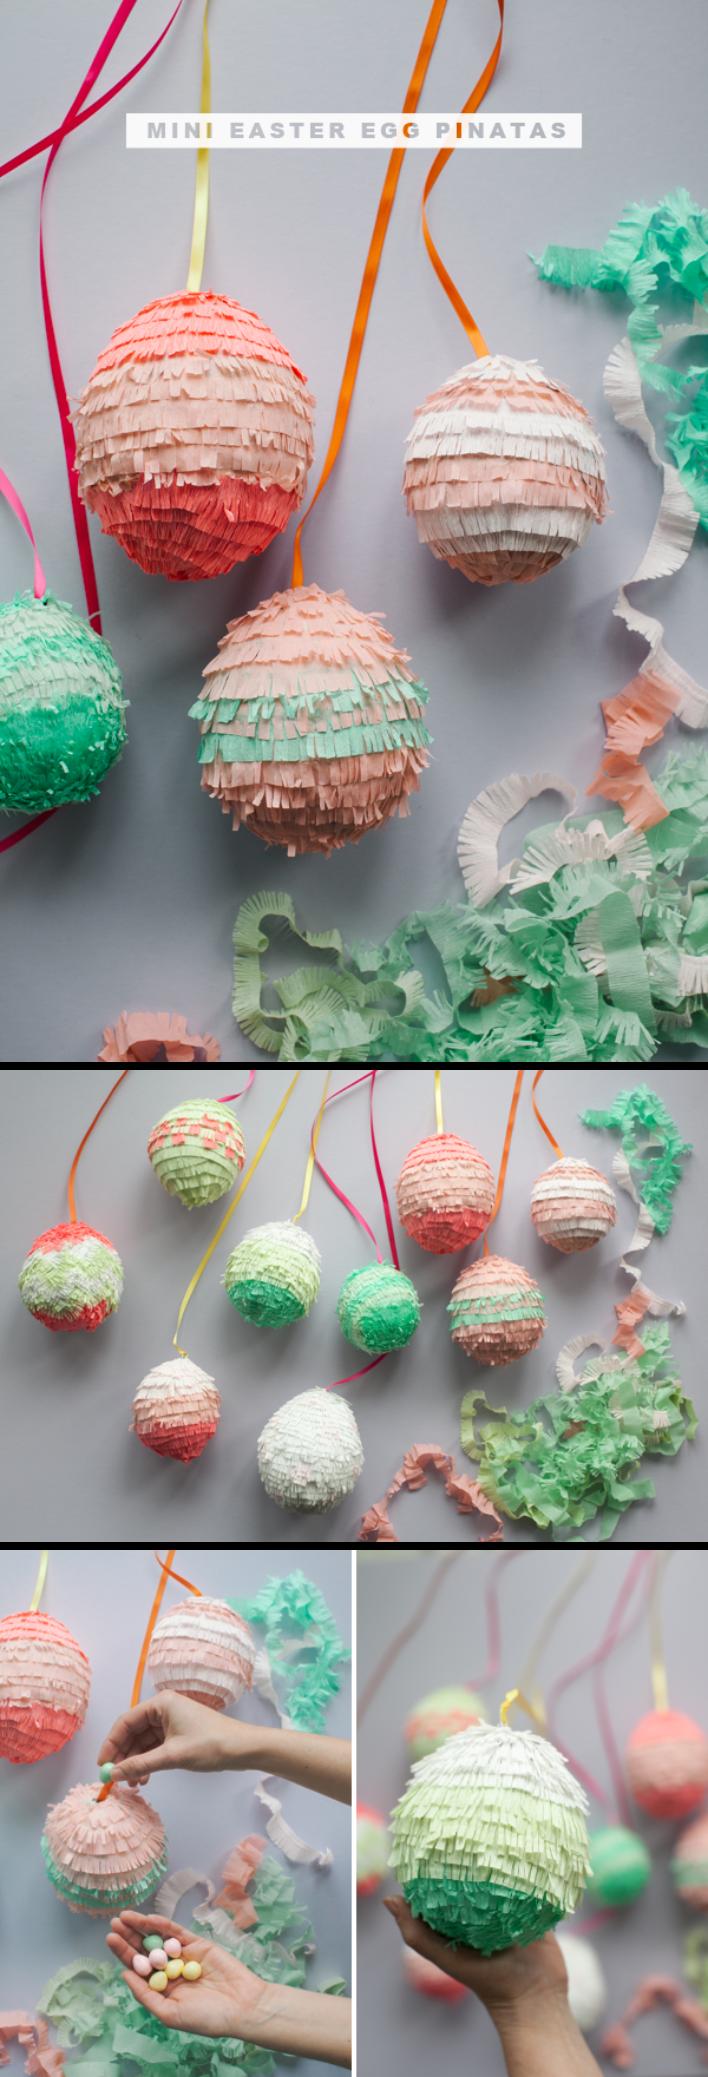 37 DIY Easter Egg Pinatas